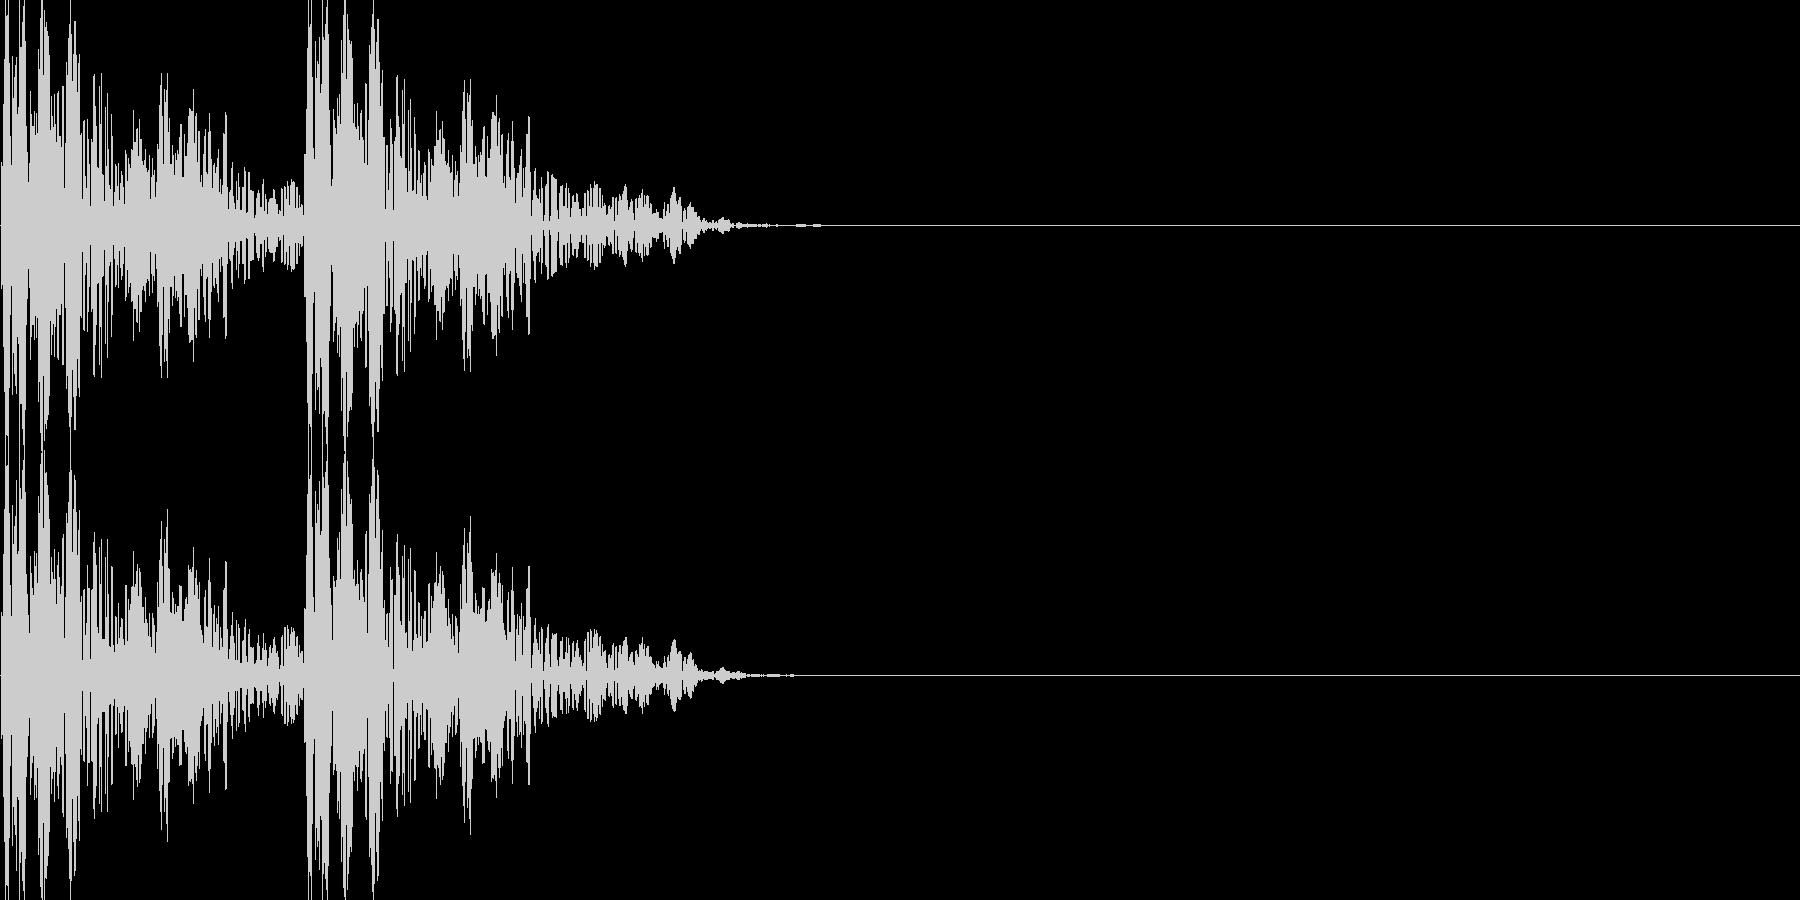 古いRPG風移動音の未再生の波形